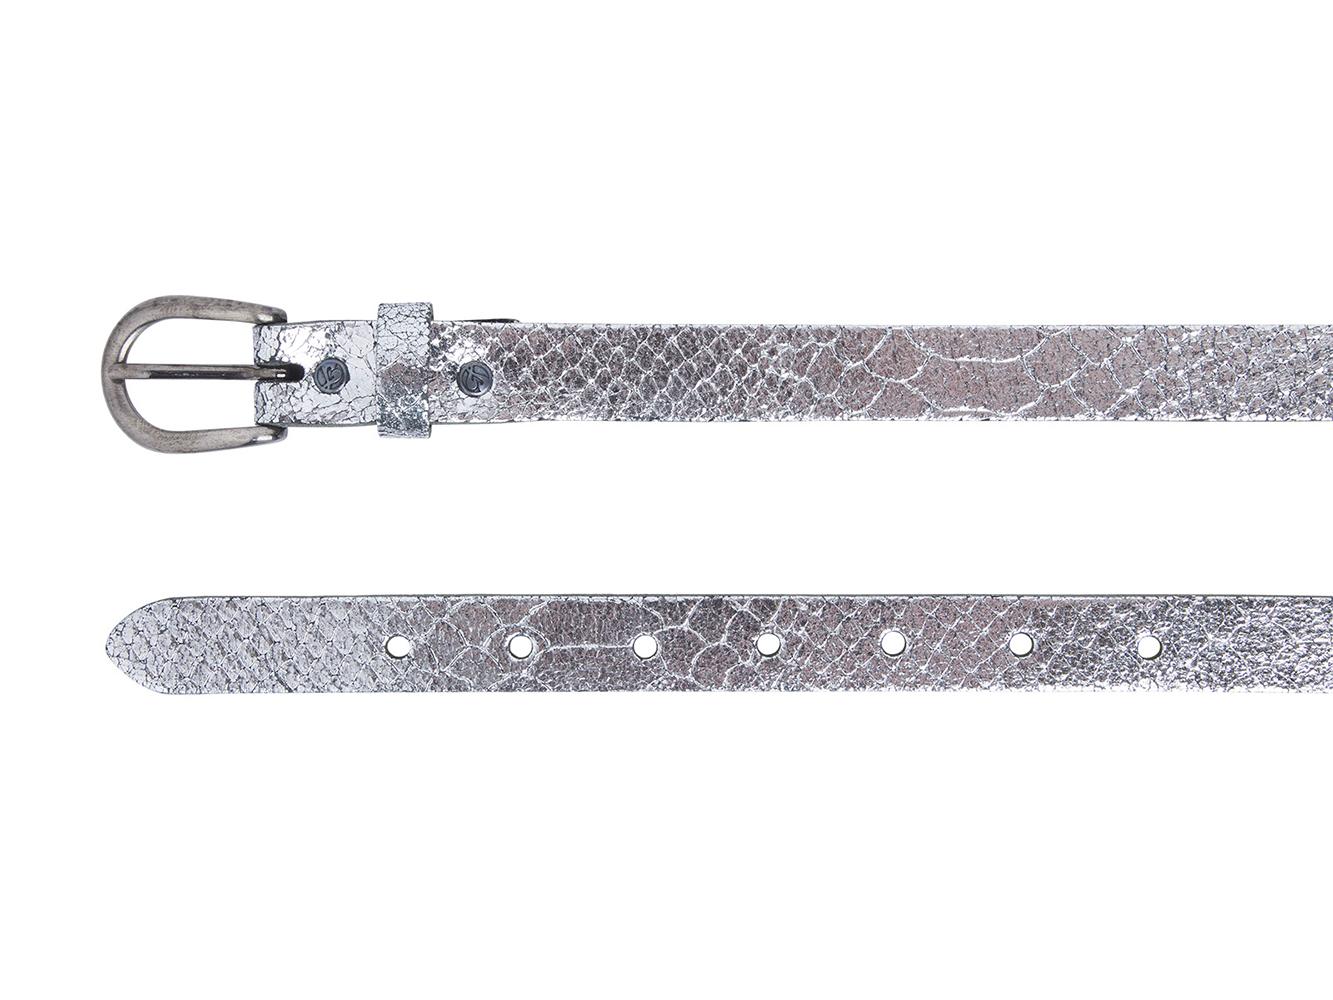 Take-It 414 Dames Leren Fashion Riem 95/2 cm Silver Metallic